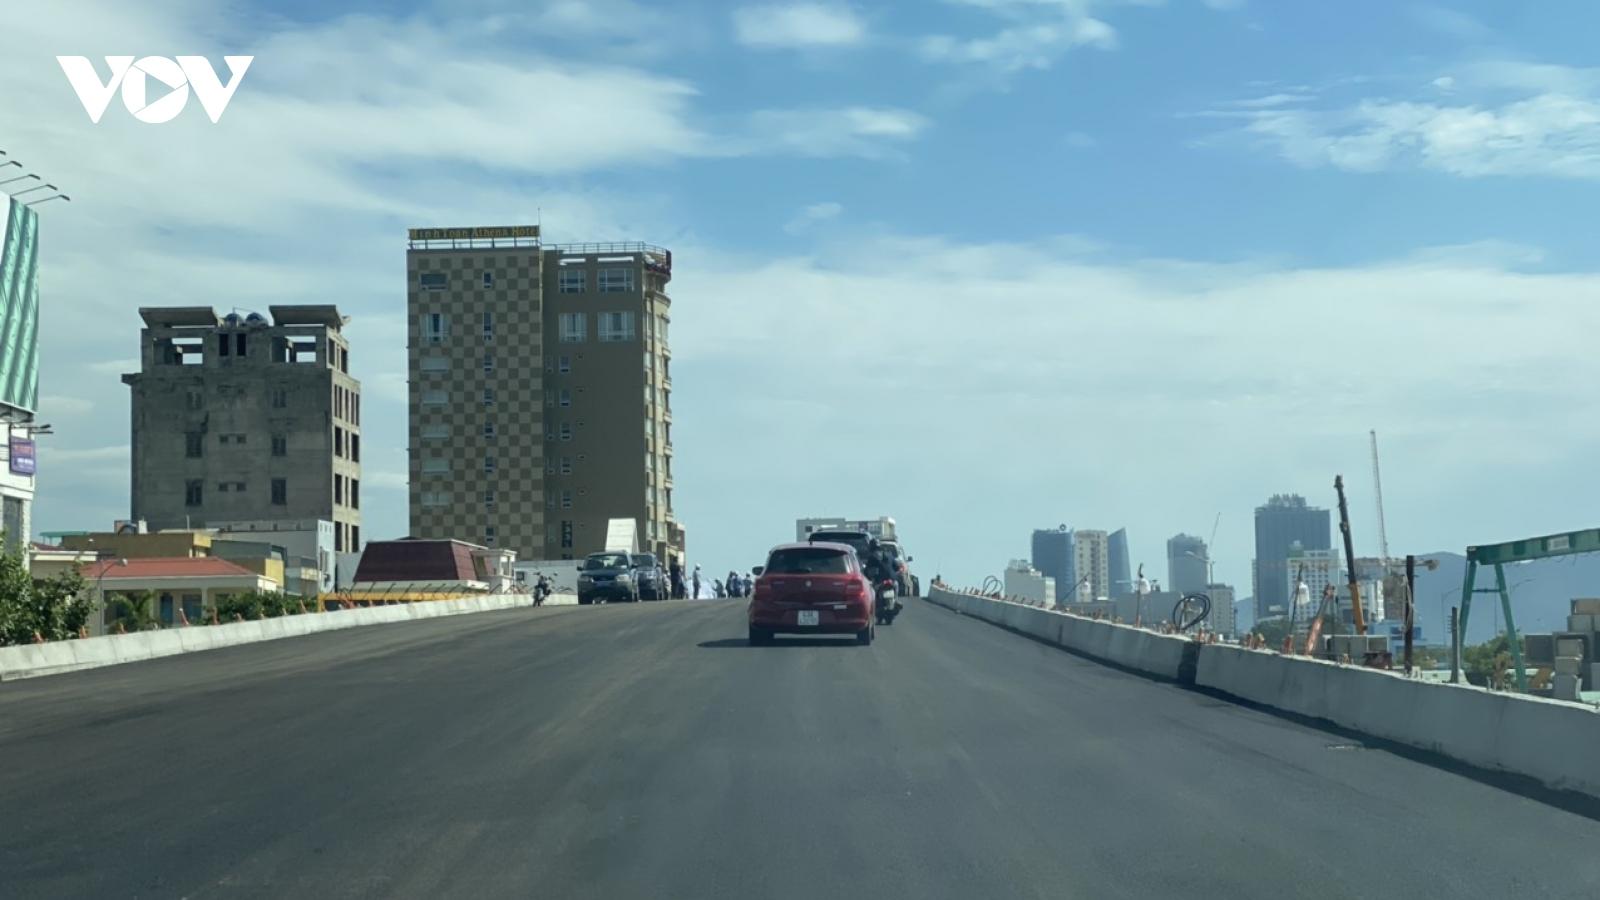 Đà Nẵng cho phép xe lưu thông trên cầu vượt đường 2/9 từ ngày 14/7